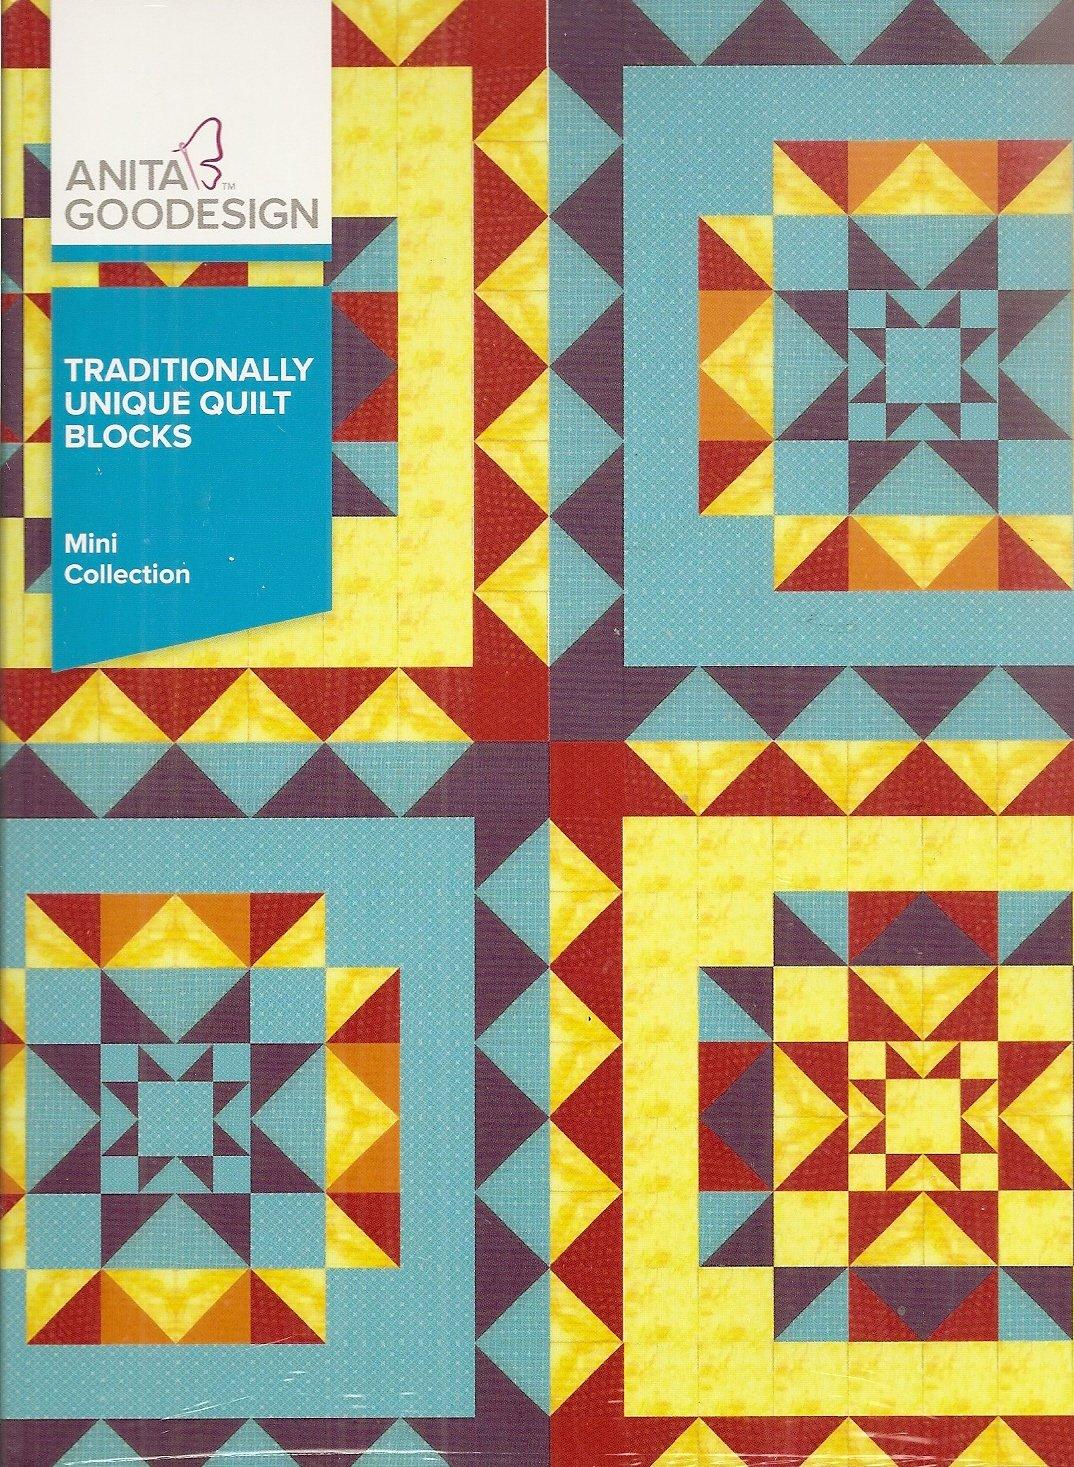 Anita Goodesign Mini Collection Traditionally Unique Quilt Blocks ... : unique quilt blocks - Adamdwight.com